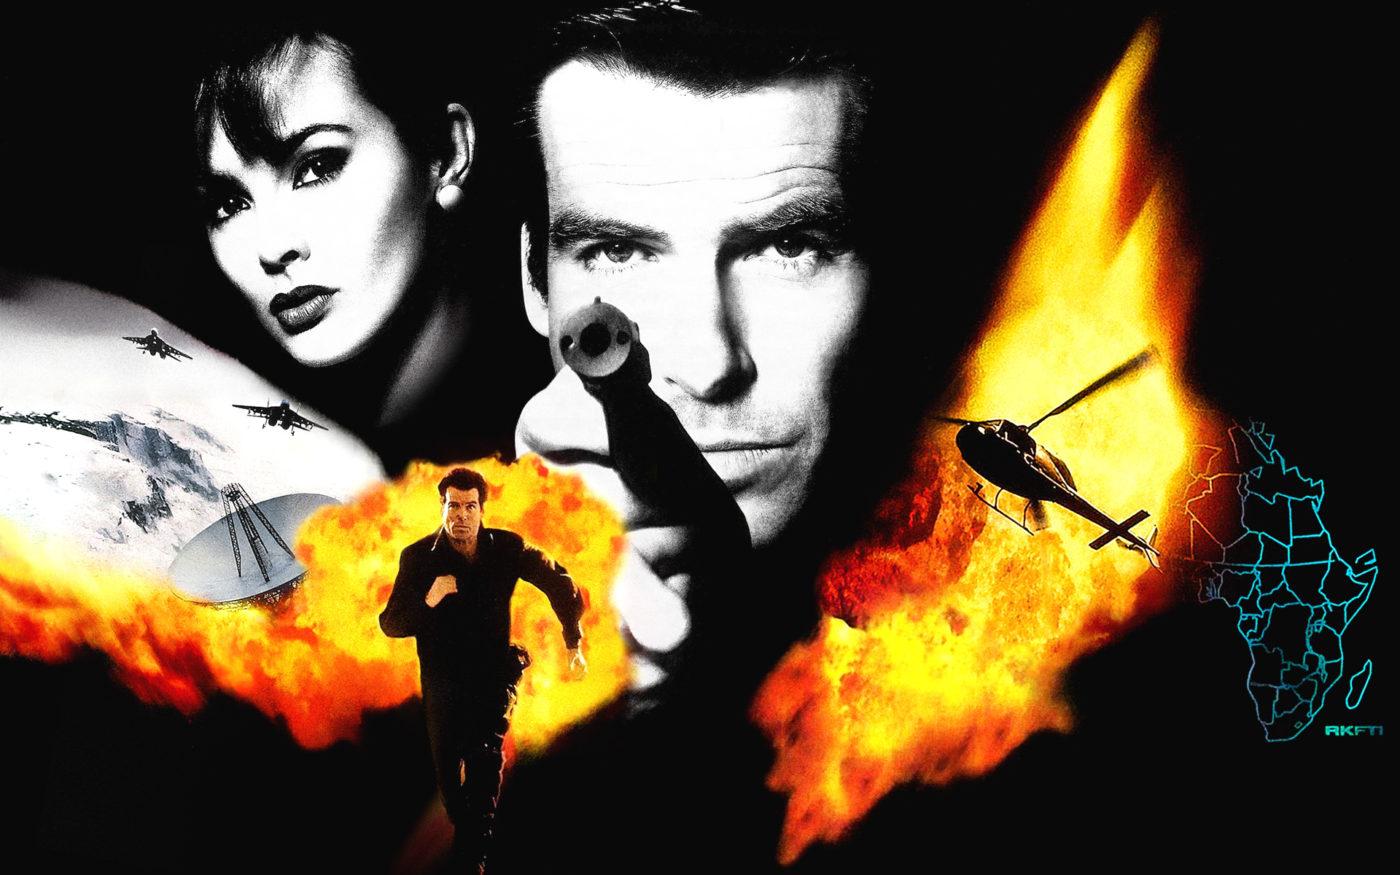 《007黄金眼》复刻版完整演示公开 或于今年发售